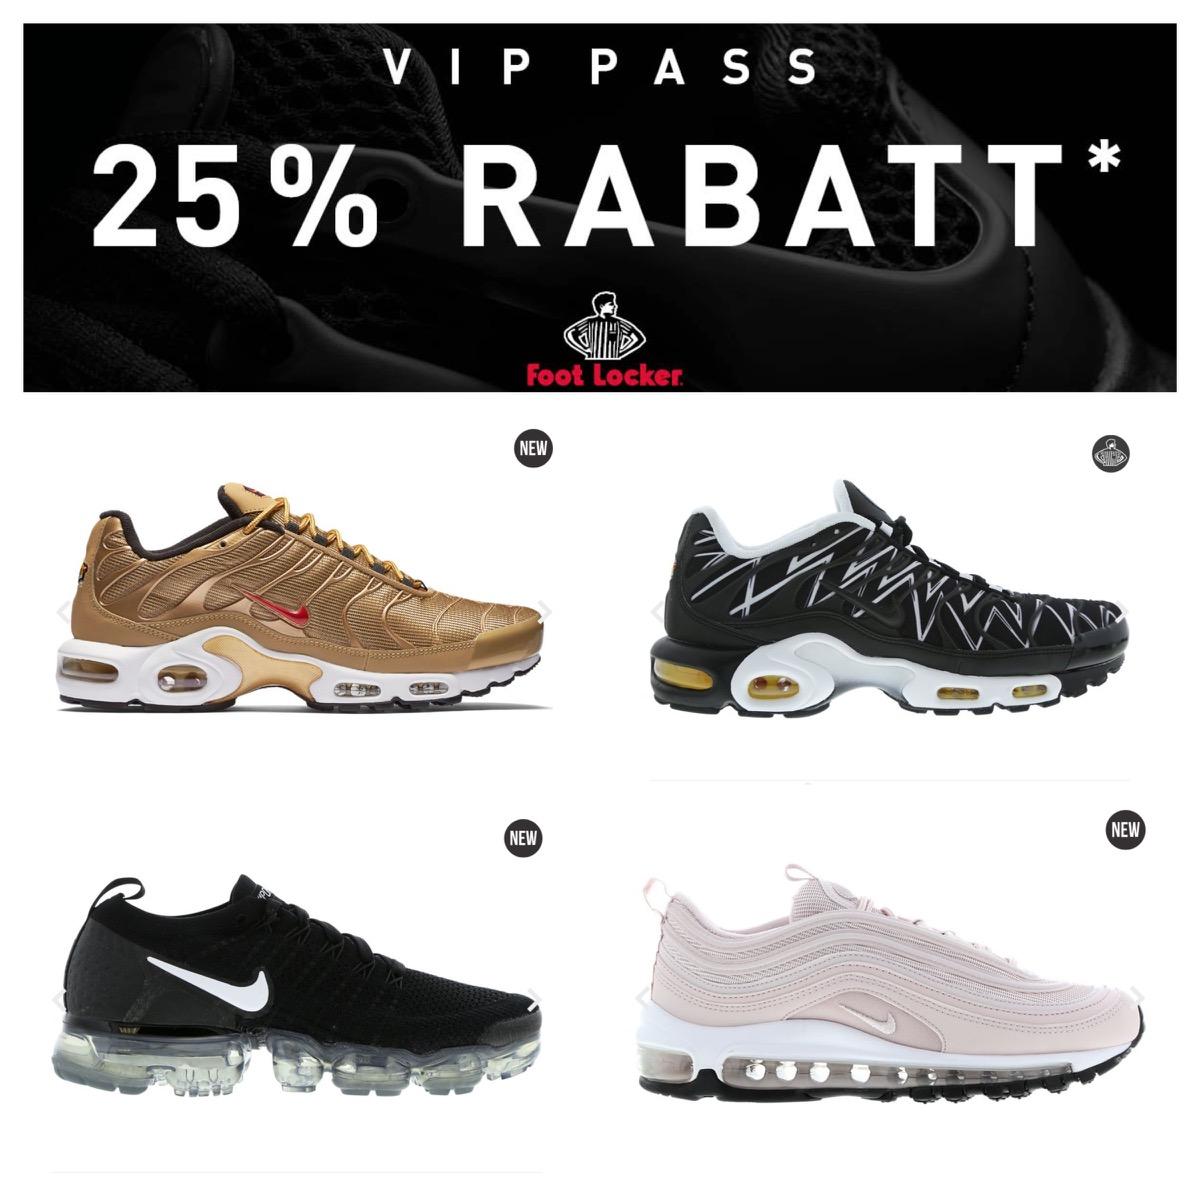 separation shoes efa95 28857 Unsere Empfehlung wären die verschiedenen TN1-Releases, die einst ja mal  nur bei Foot Locker erhältlich waren. Auch für die weiblichen Sneakerheads  hat Foot ...